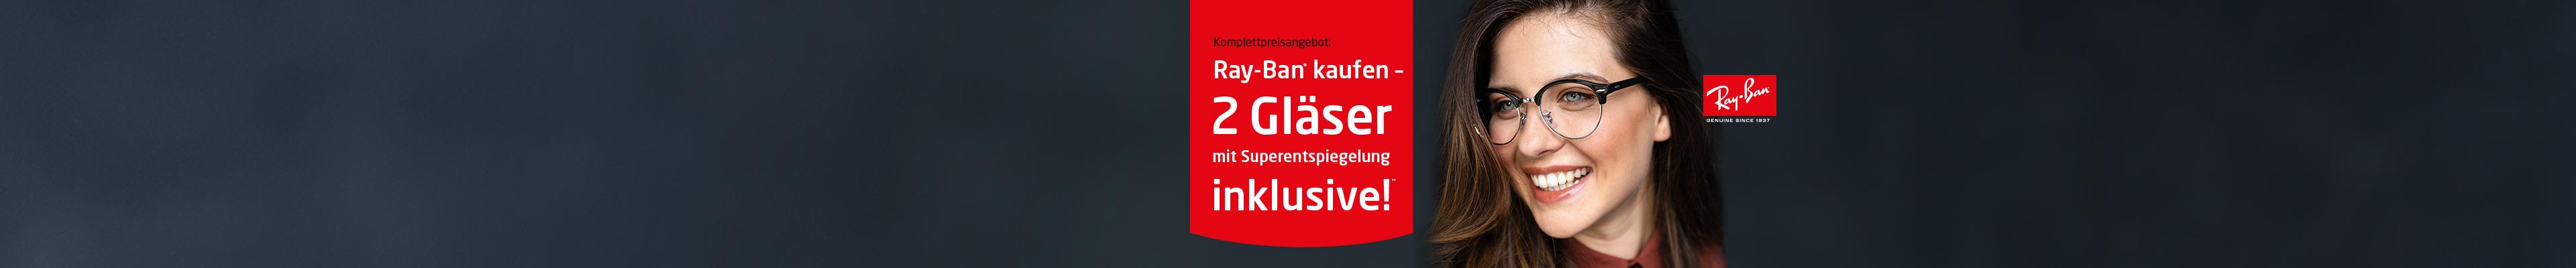 RAY-BAN anzeigen